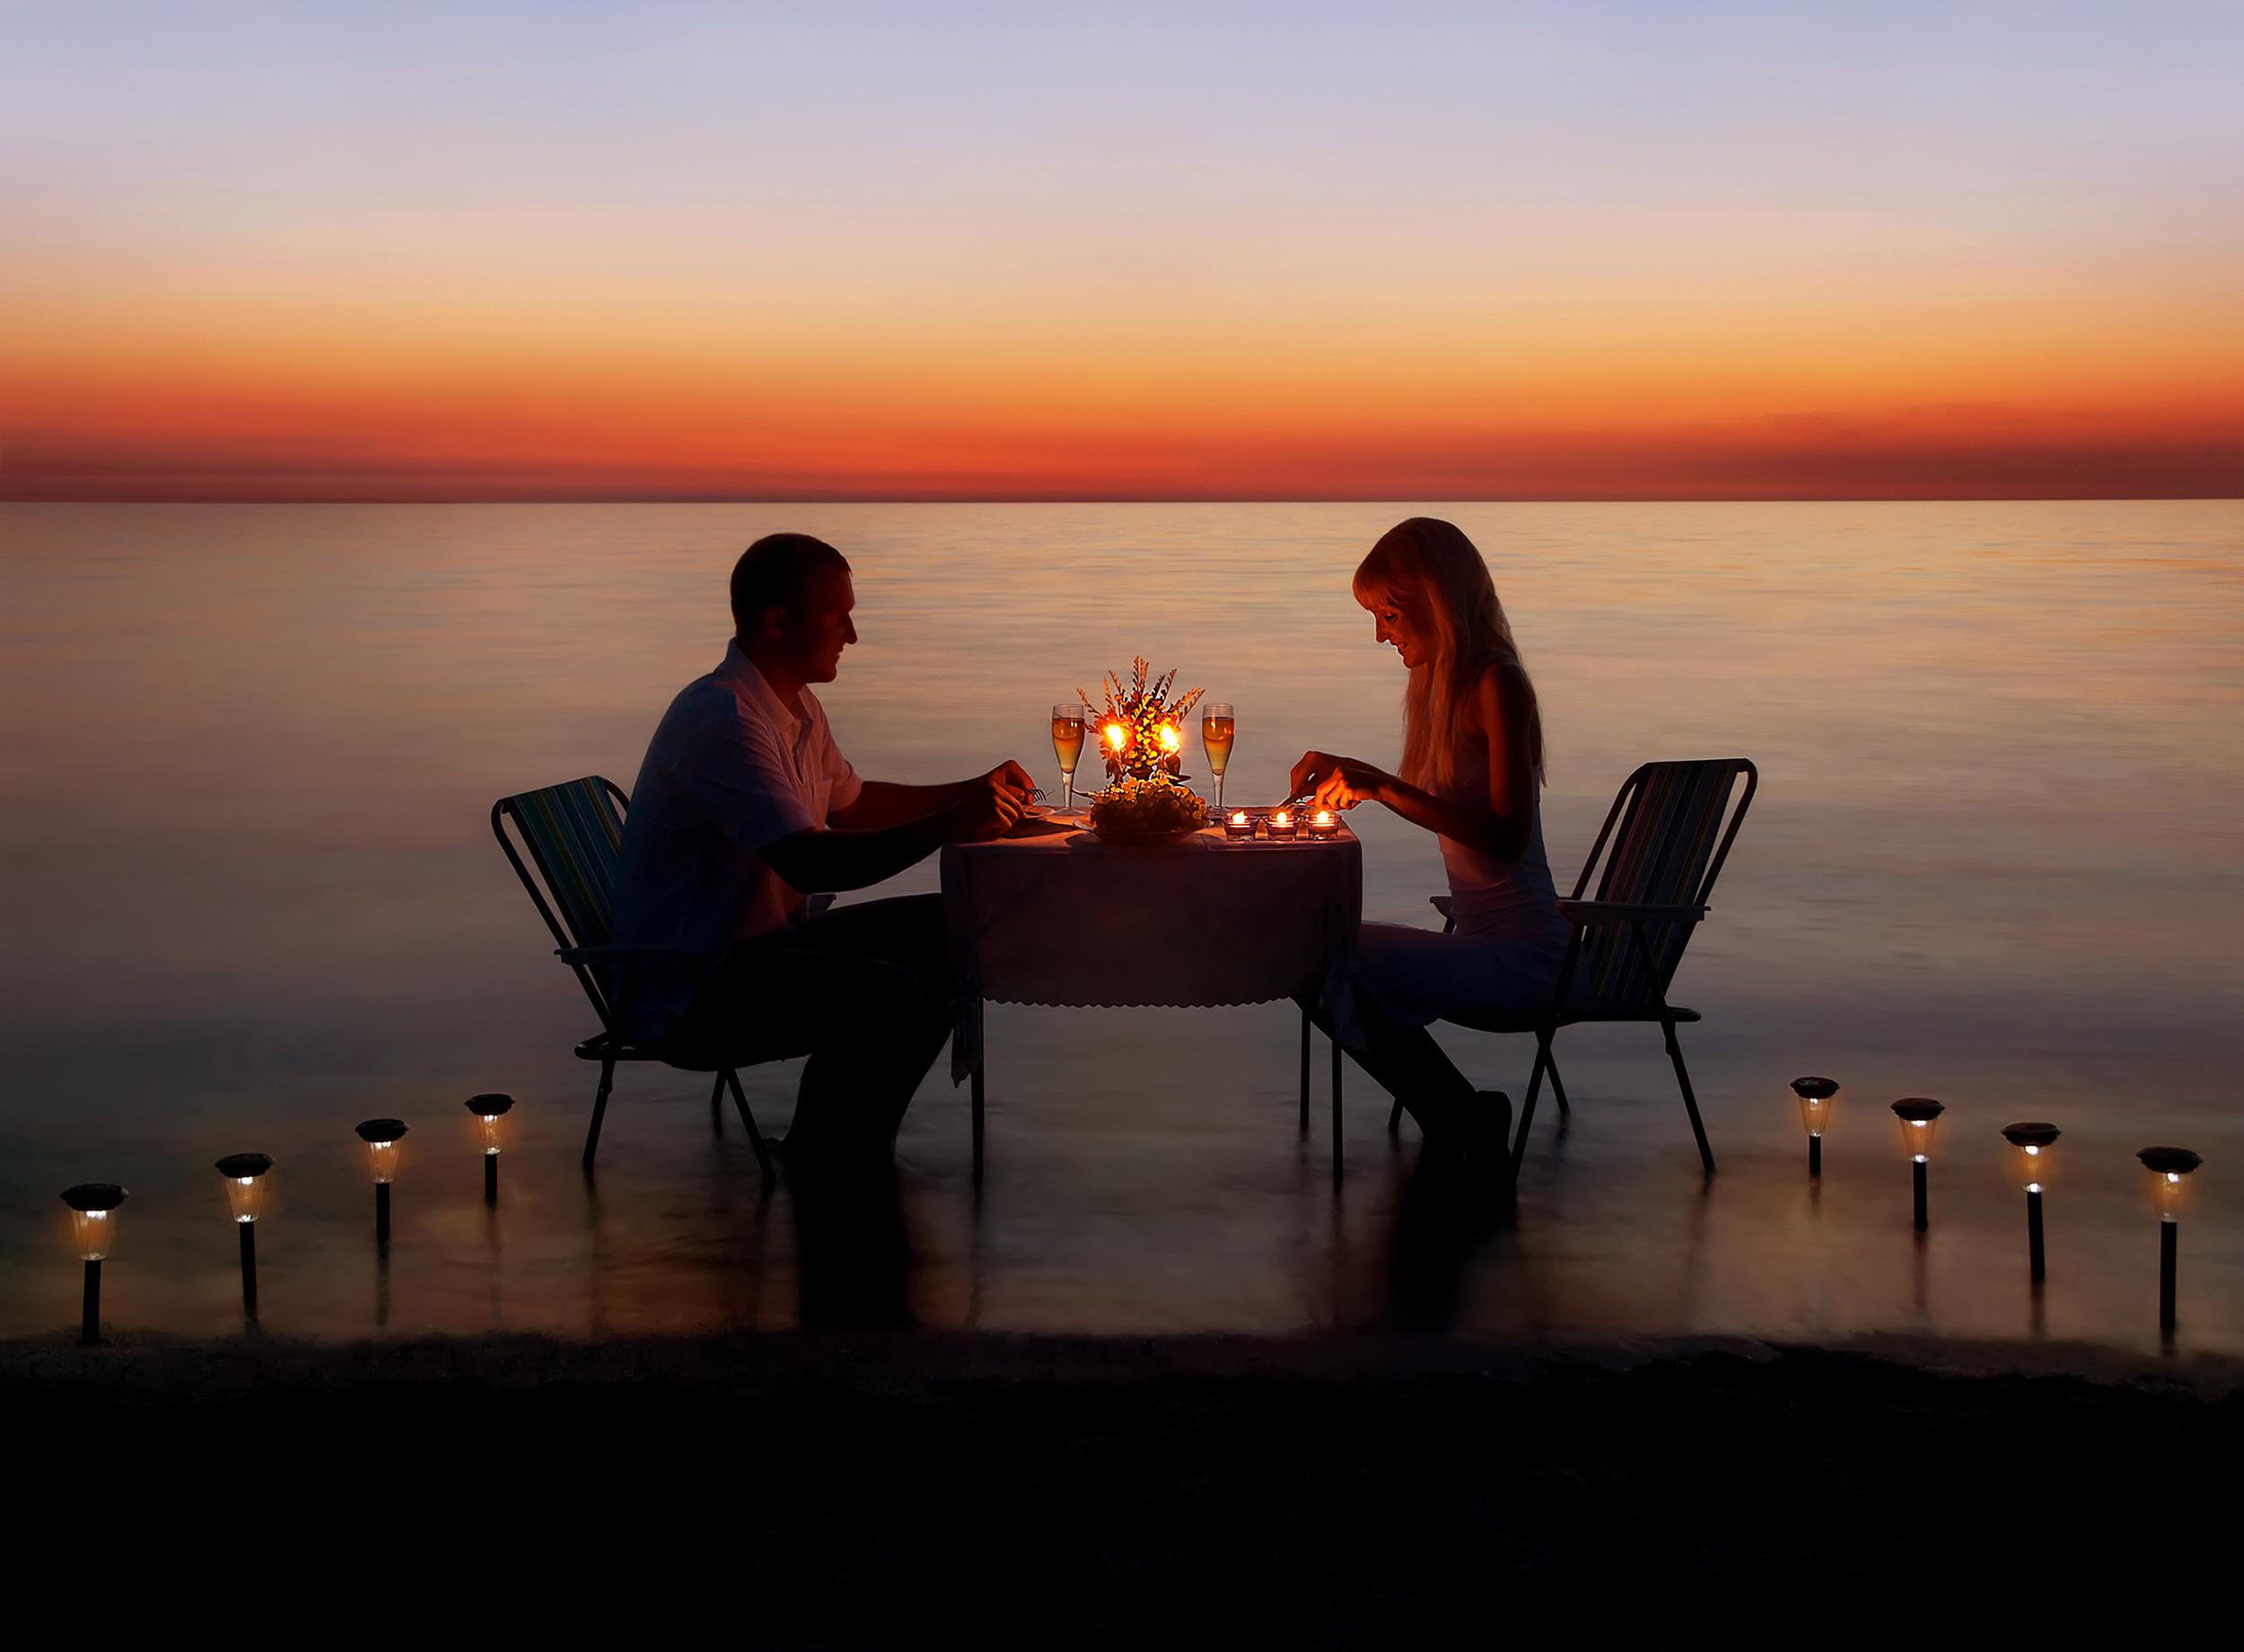 Socjolog: Świat się zmienił i to dobrze, że pary młode dojrzewają do tego, żeby swoje własne święto obchodzić dokładnie tak, jak one tego chcą (fot: Shutterstock.com)